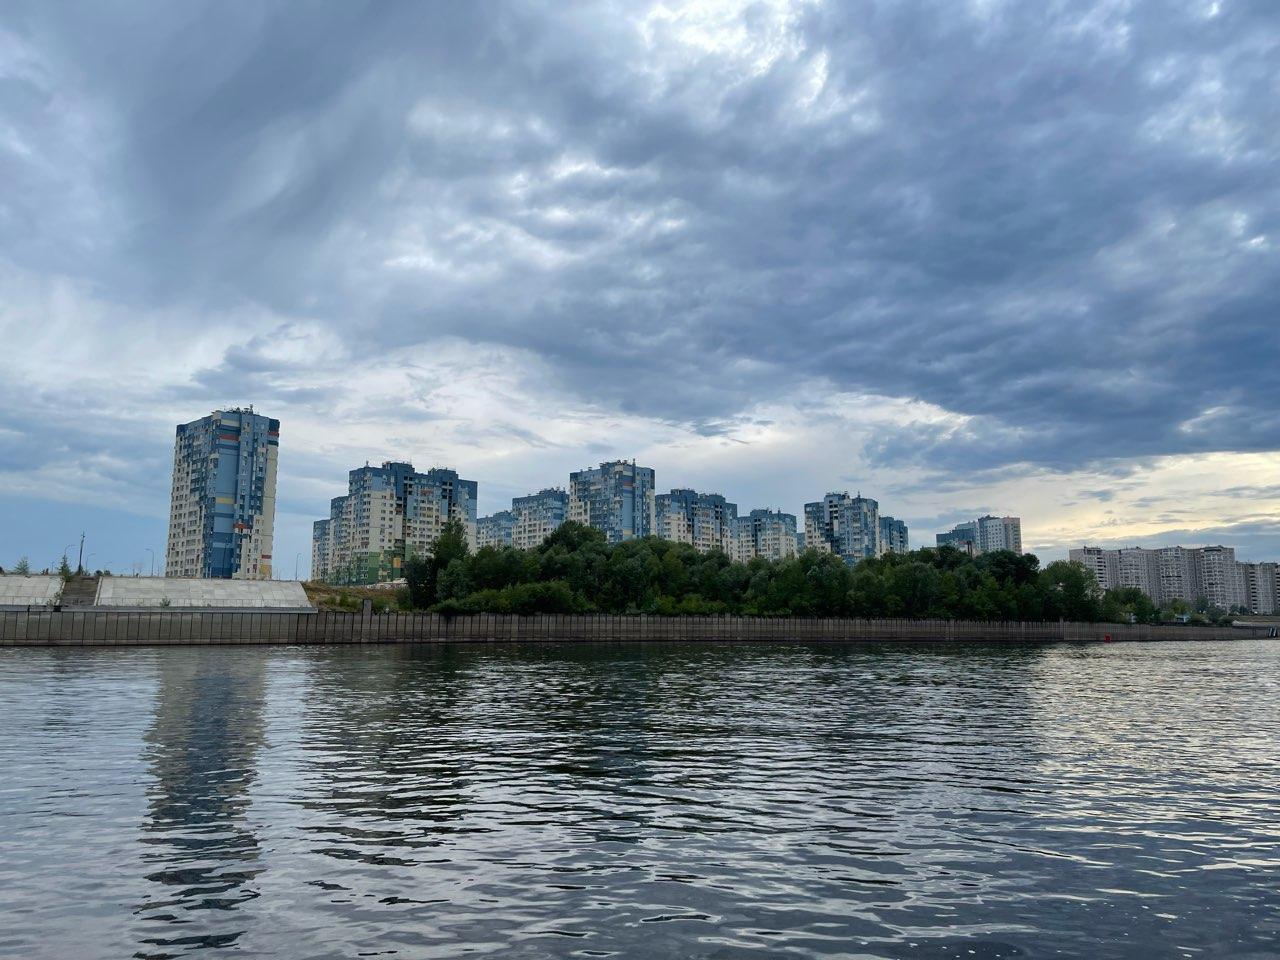 Самый дорогой «квадрат» жилья в Нижнем Новгороде обойдется в 145 тыс. рублей  - фото 1